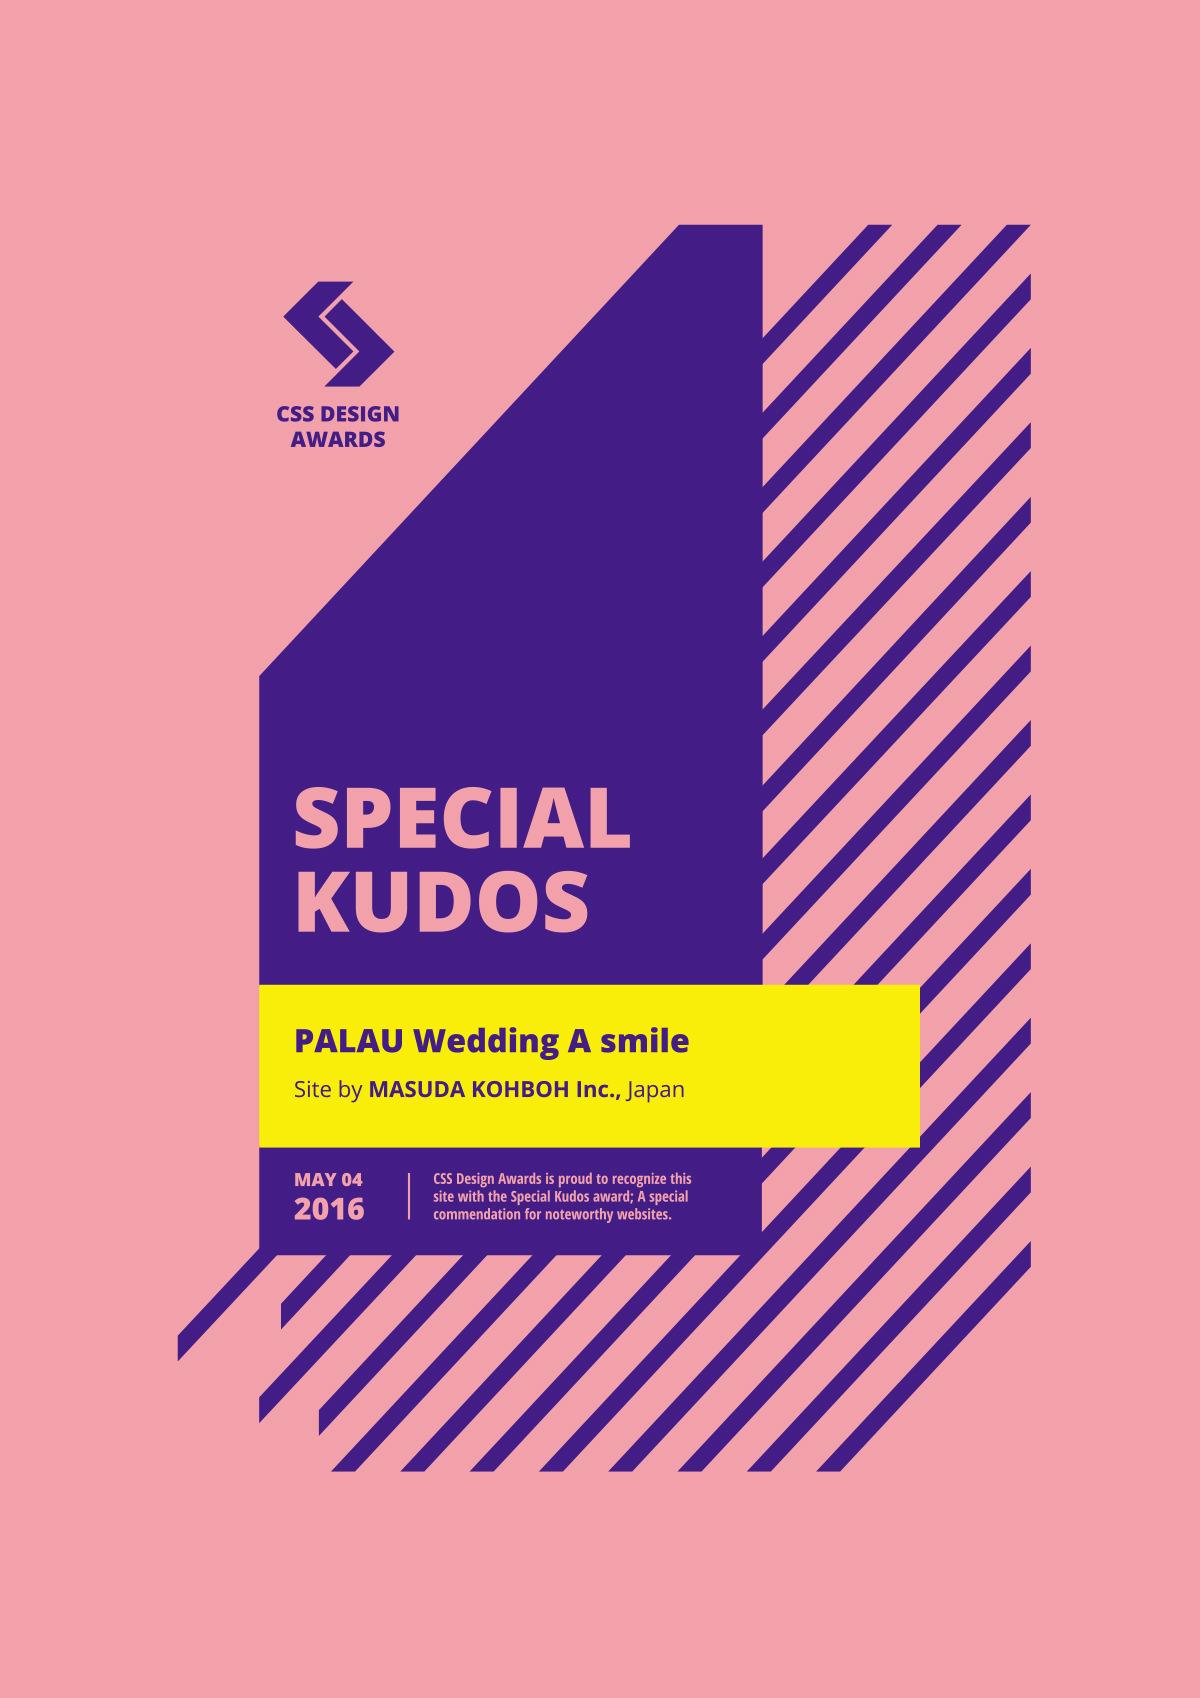 cssda-special-kudos